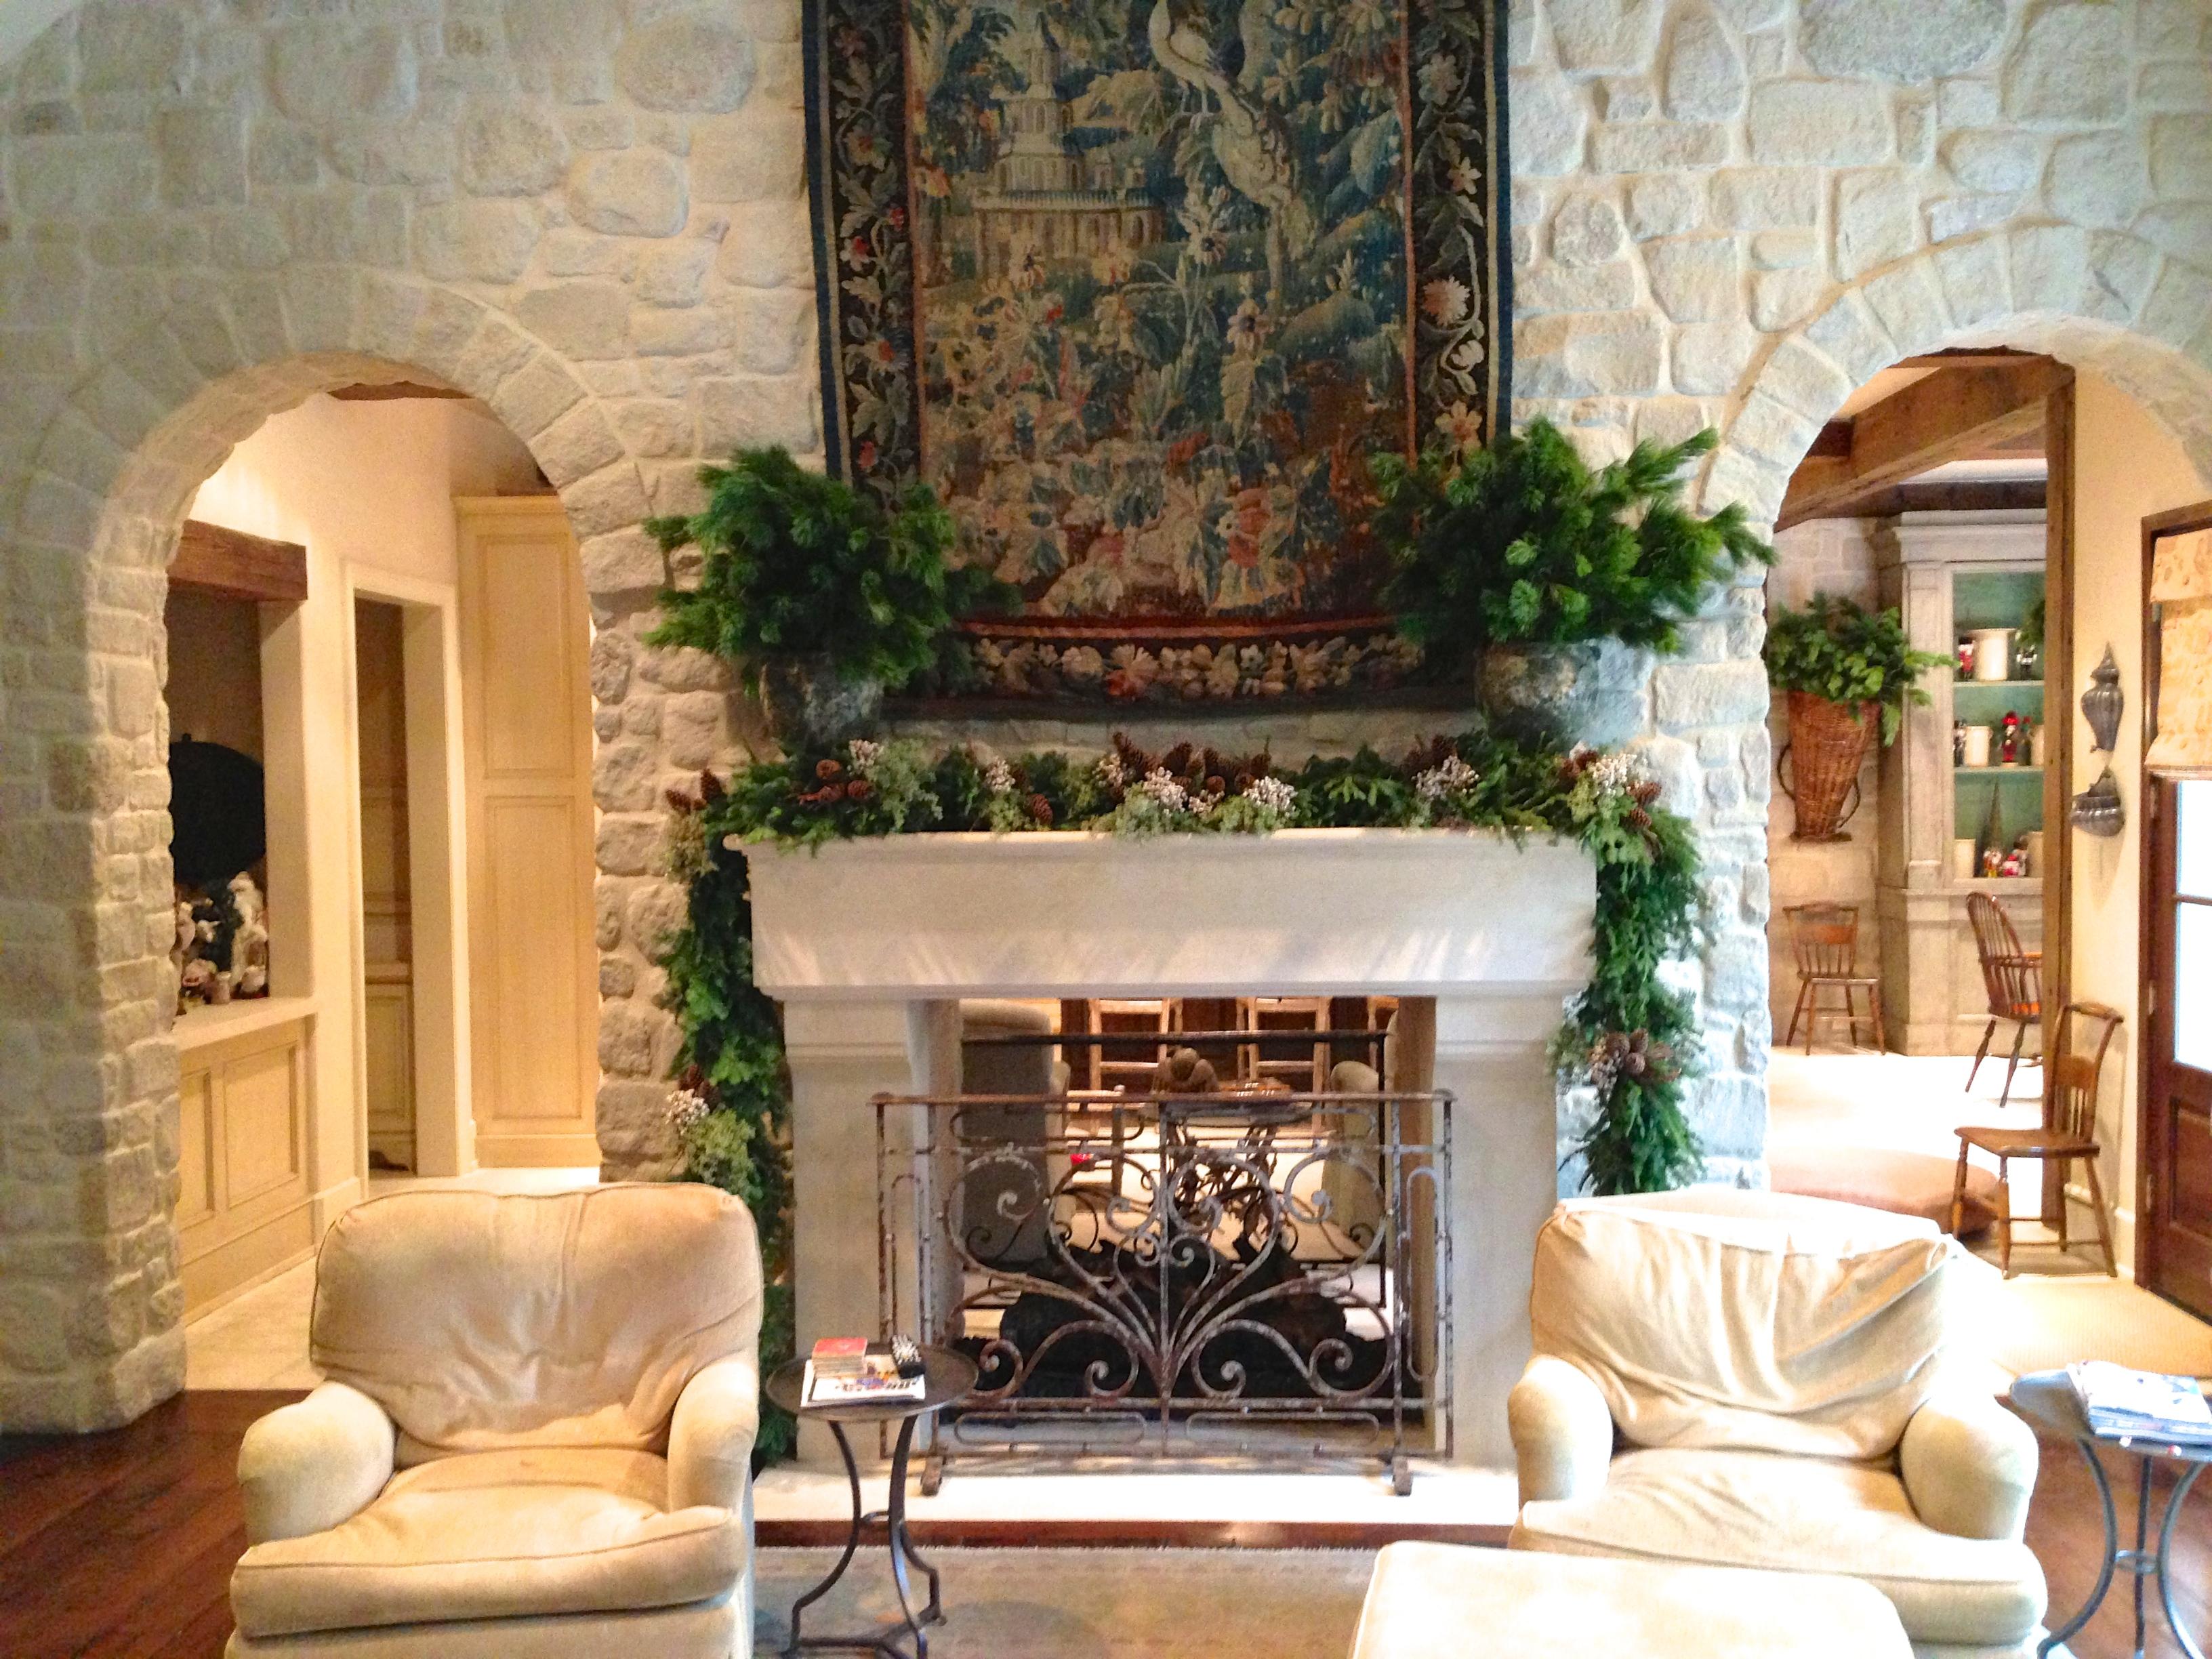 Holiday Interior 4